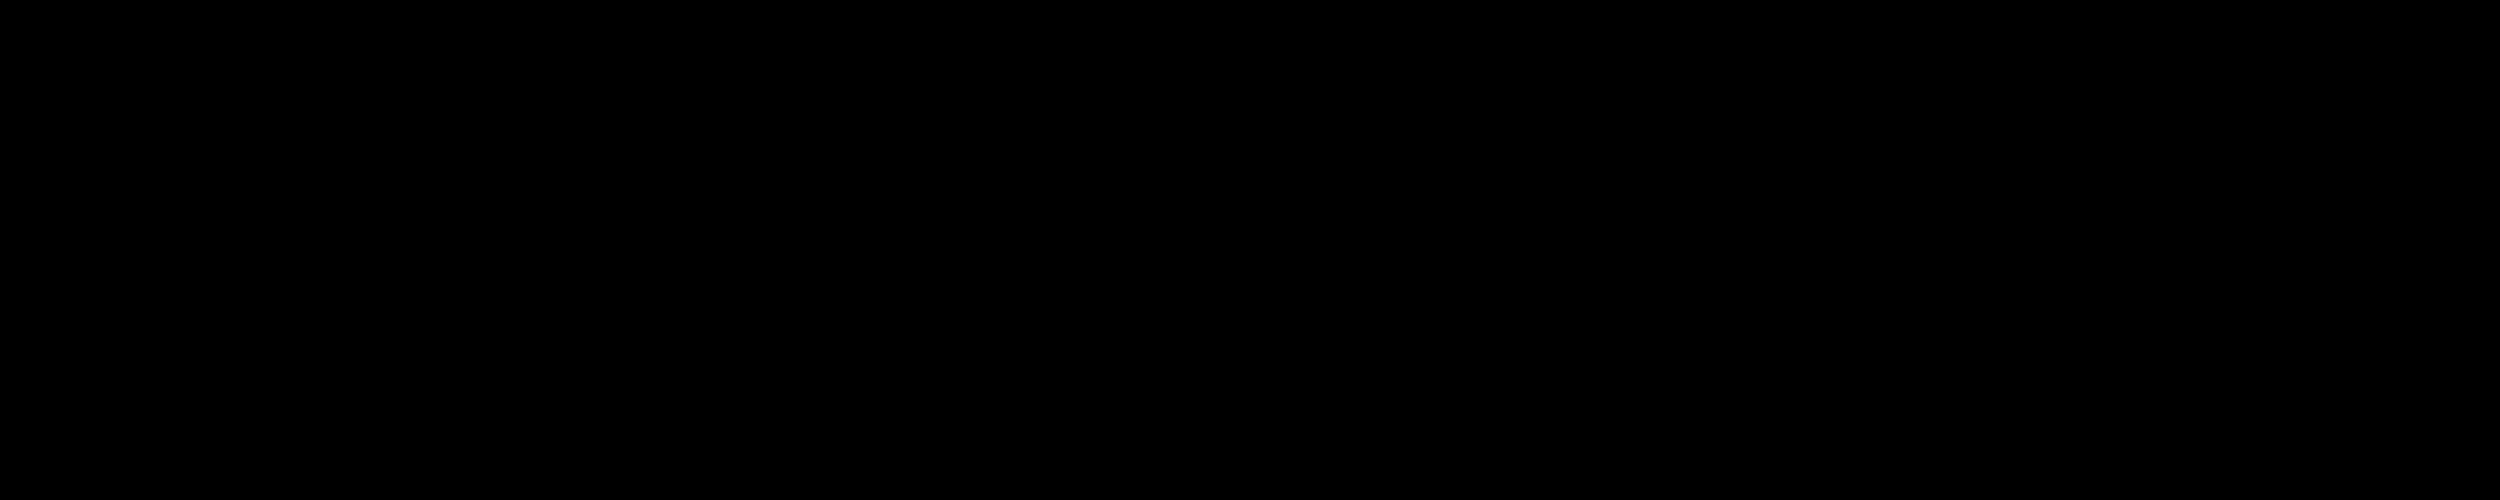 The Informed SLP logo long.png